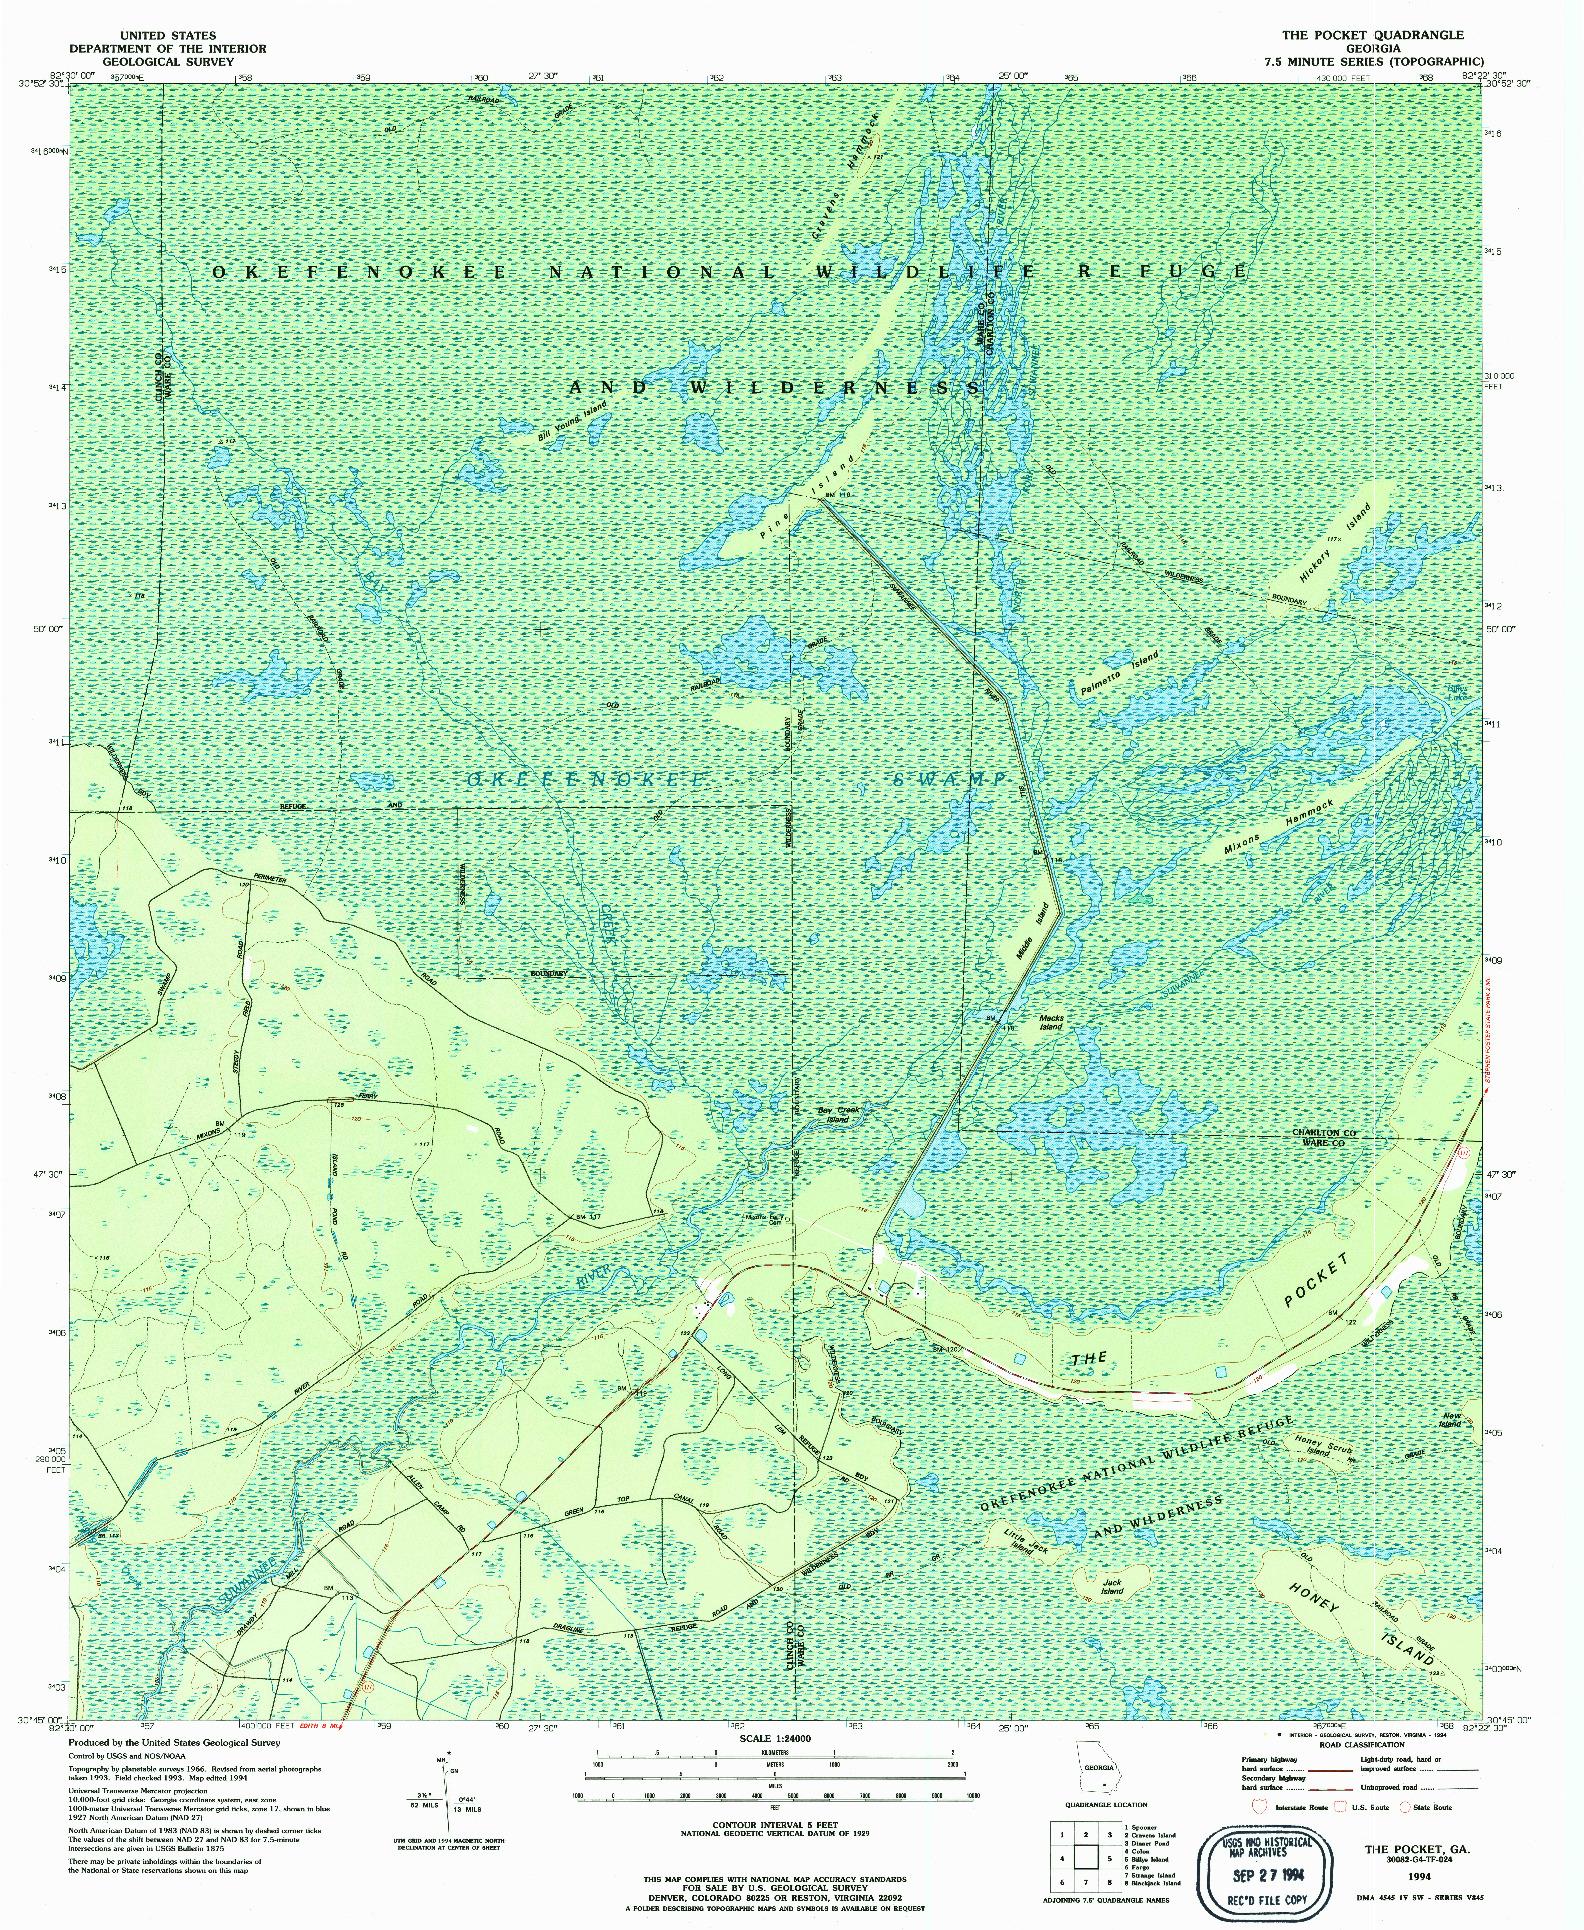 USGS 1:24000-SCALE QUADRANGLE FOR THE POCKET, GA 1994